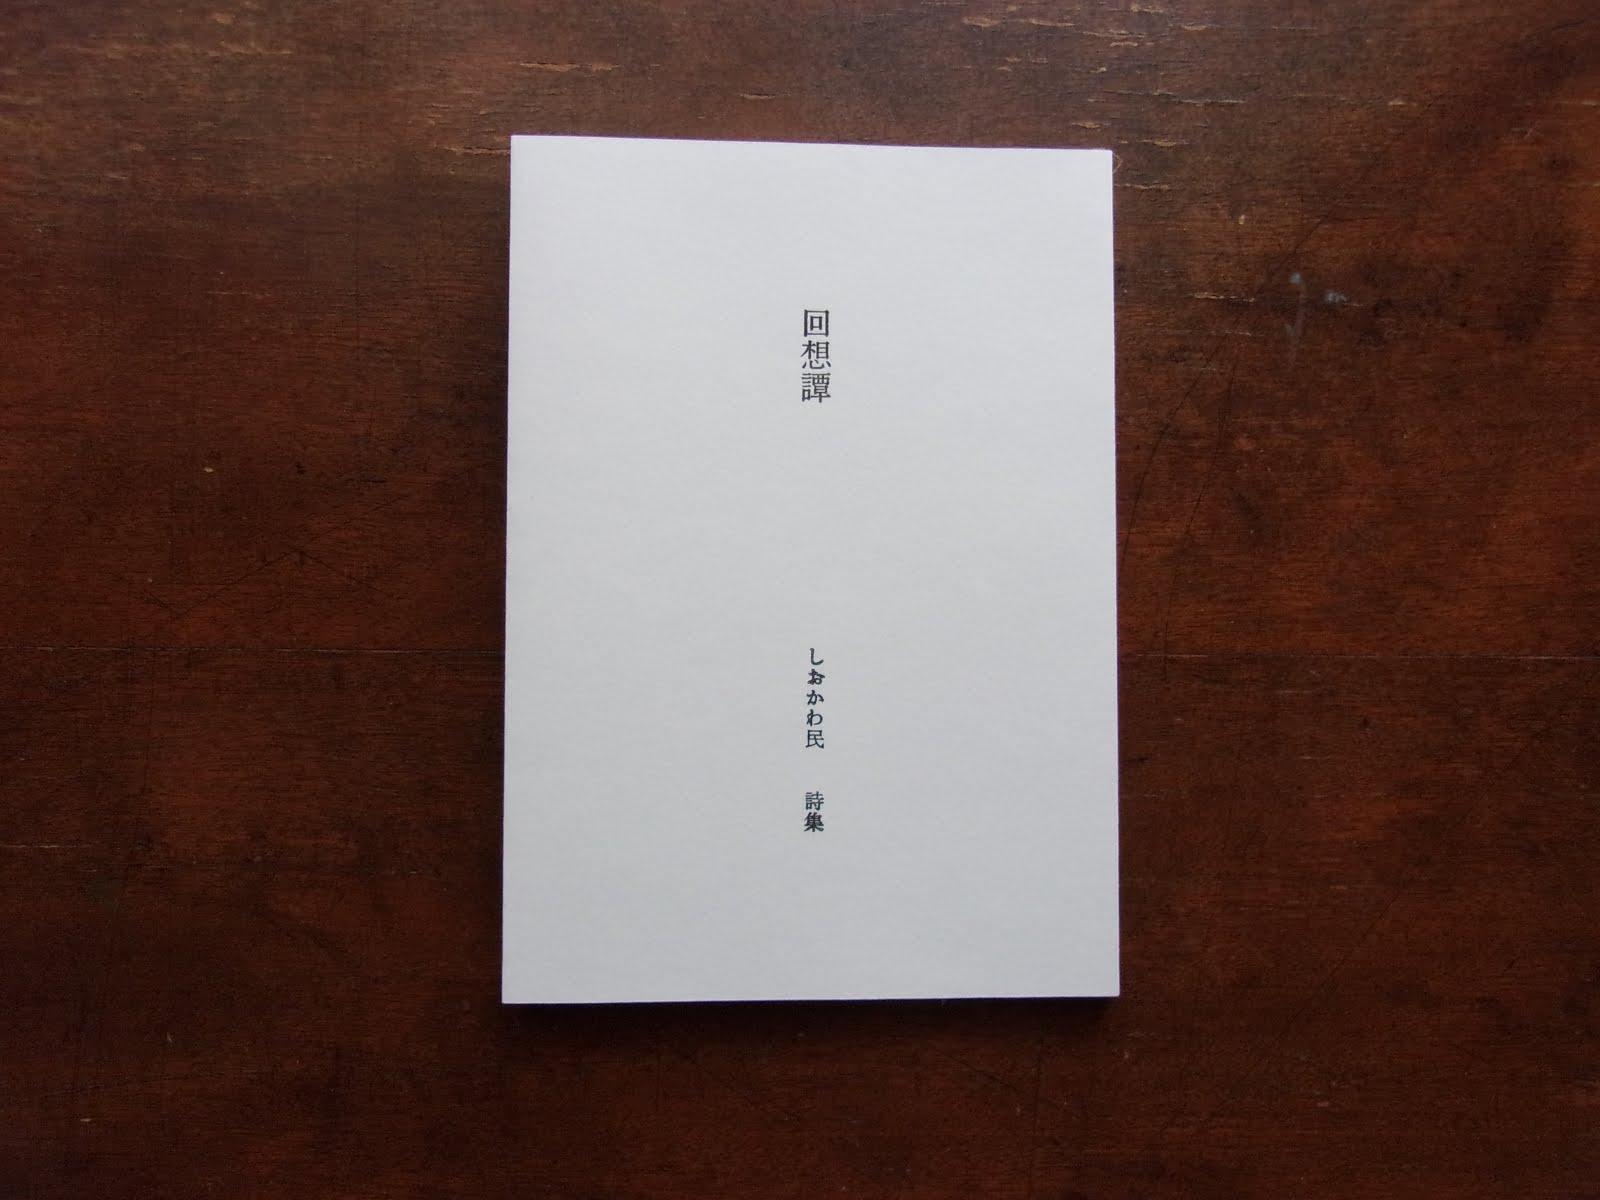 しおかわ民 詩集『回想譚』